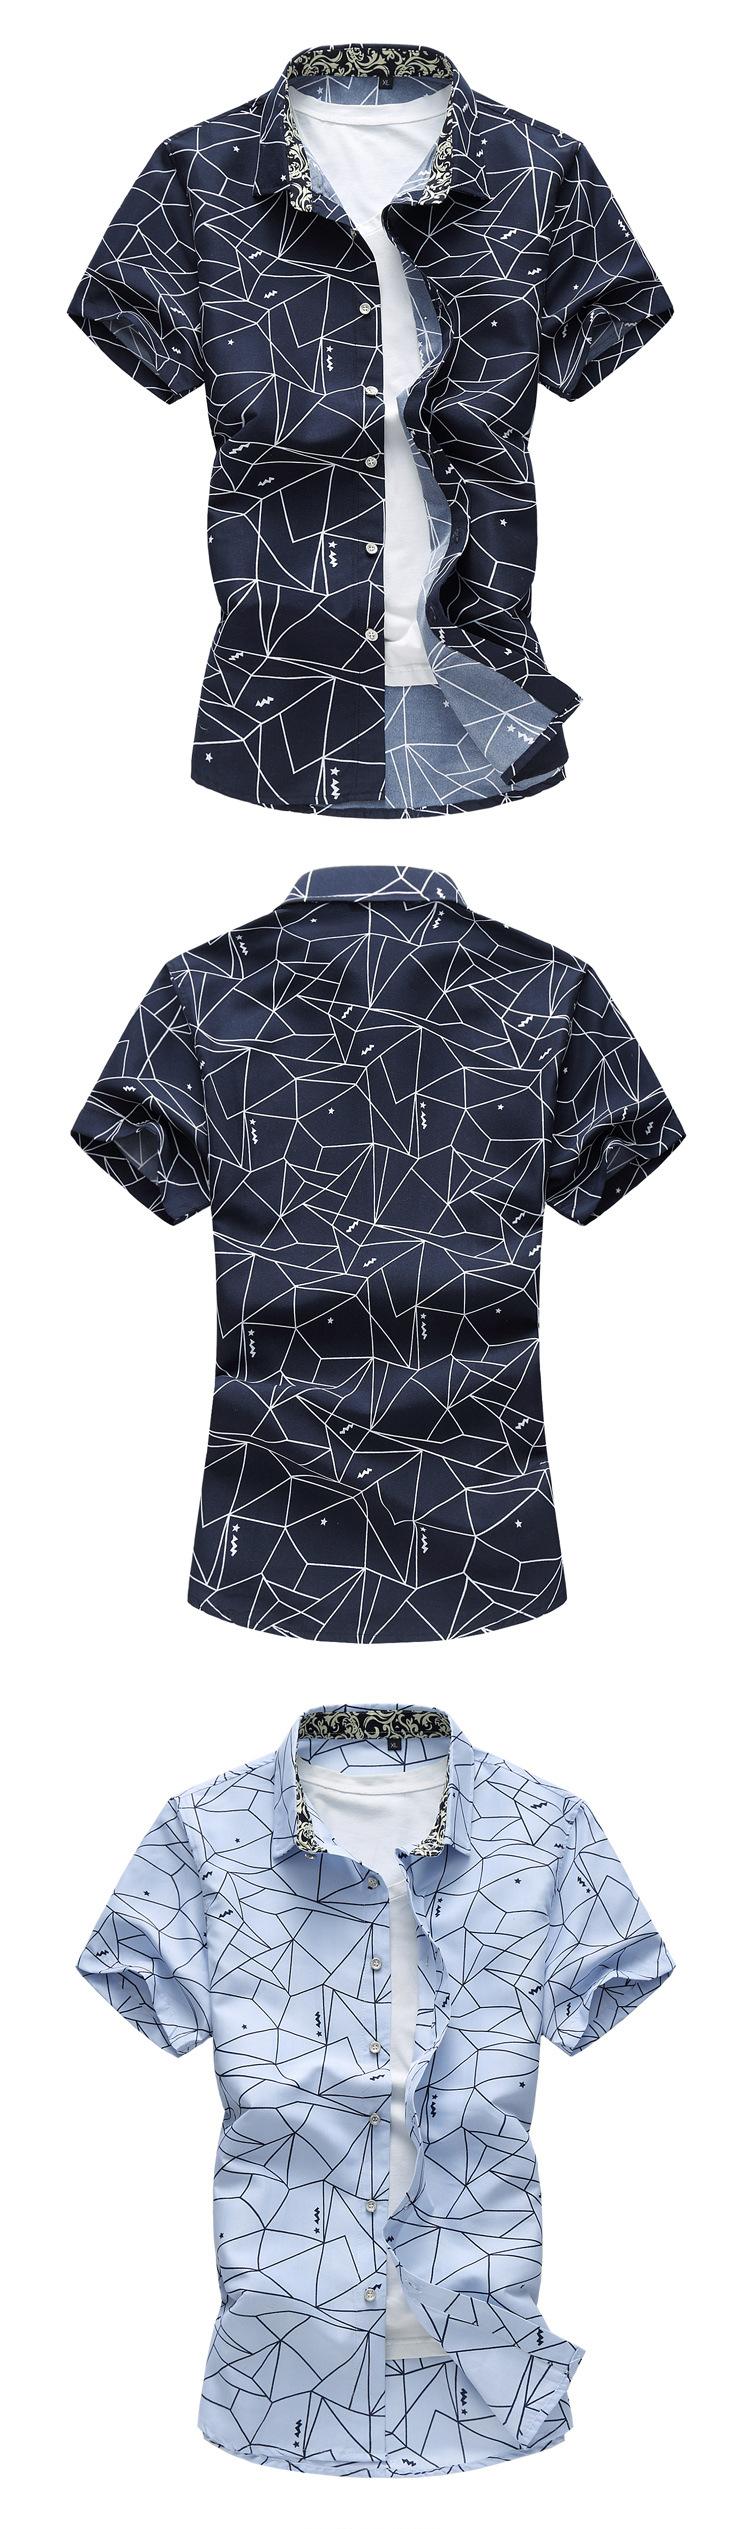 9c91b5096 2017 Summer New Men Shirt Fashion Plaid Printing Male Casual Short ...